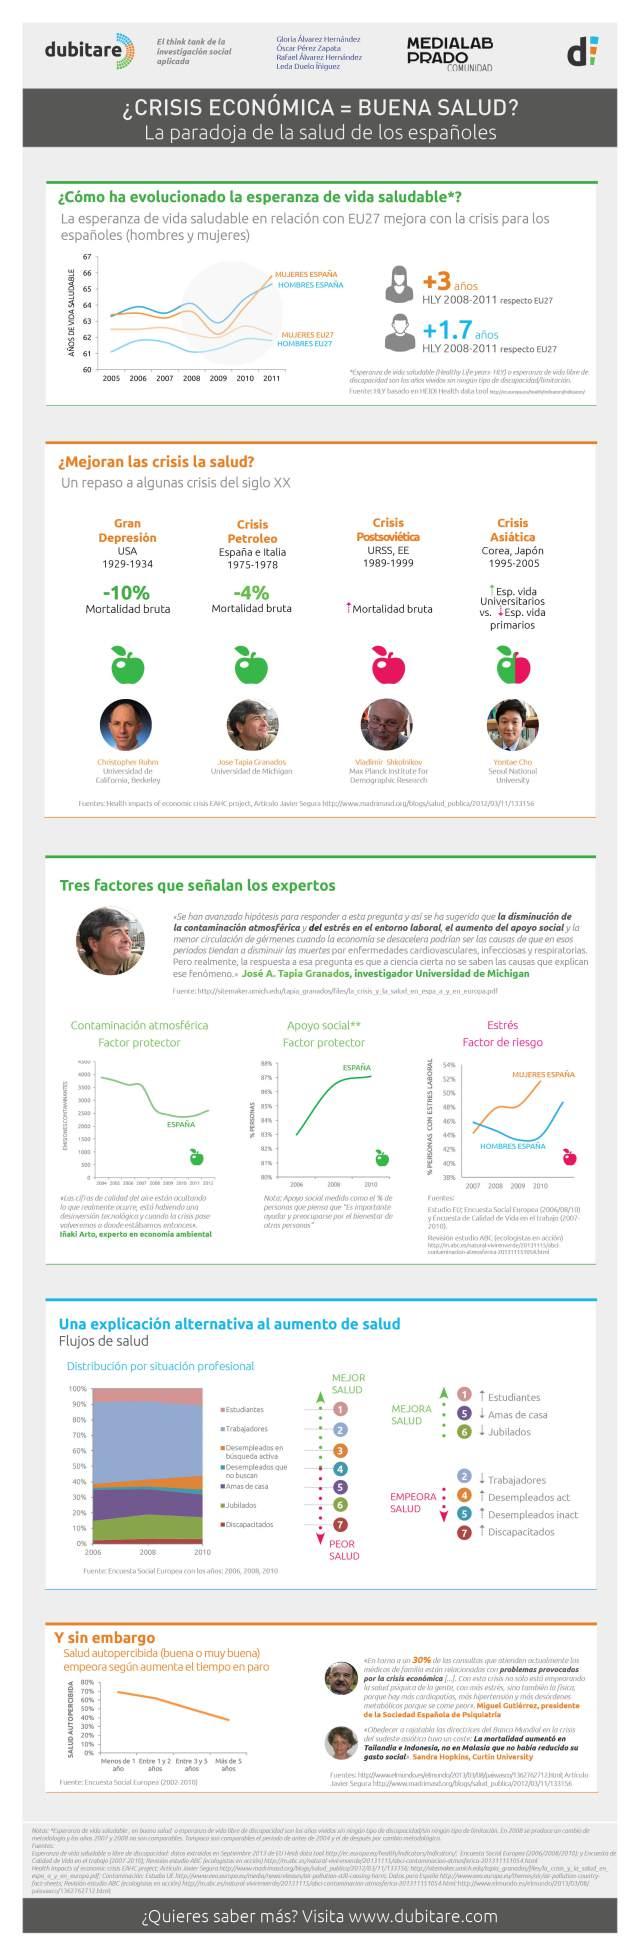 infografia_la_crisis_mejora_la_salud